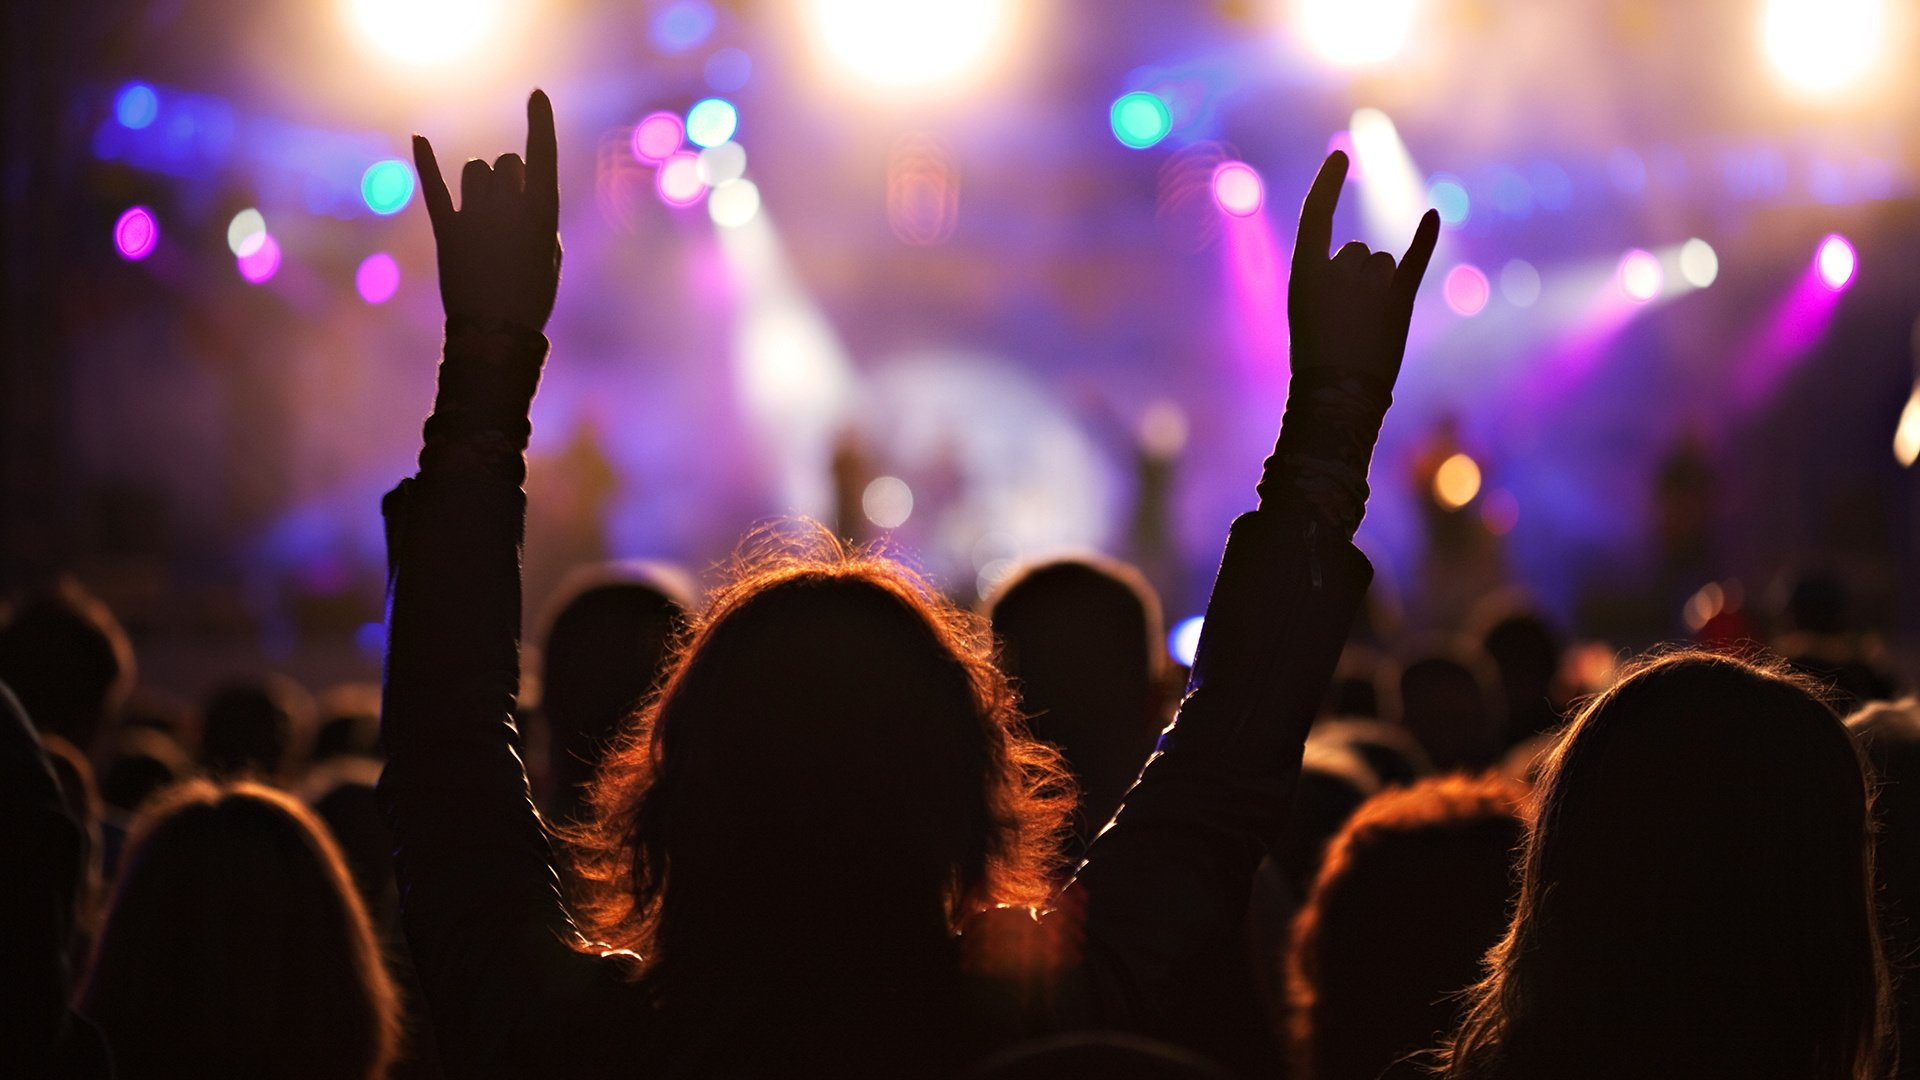 В честь закрытия мотосезона в Твери пройдет метал-фестиваль «Беспечный ангел» - новости Афанасий